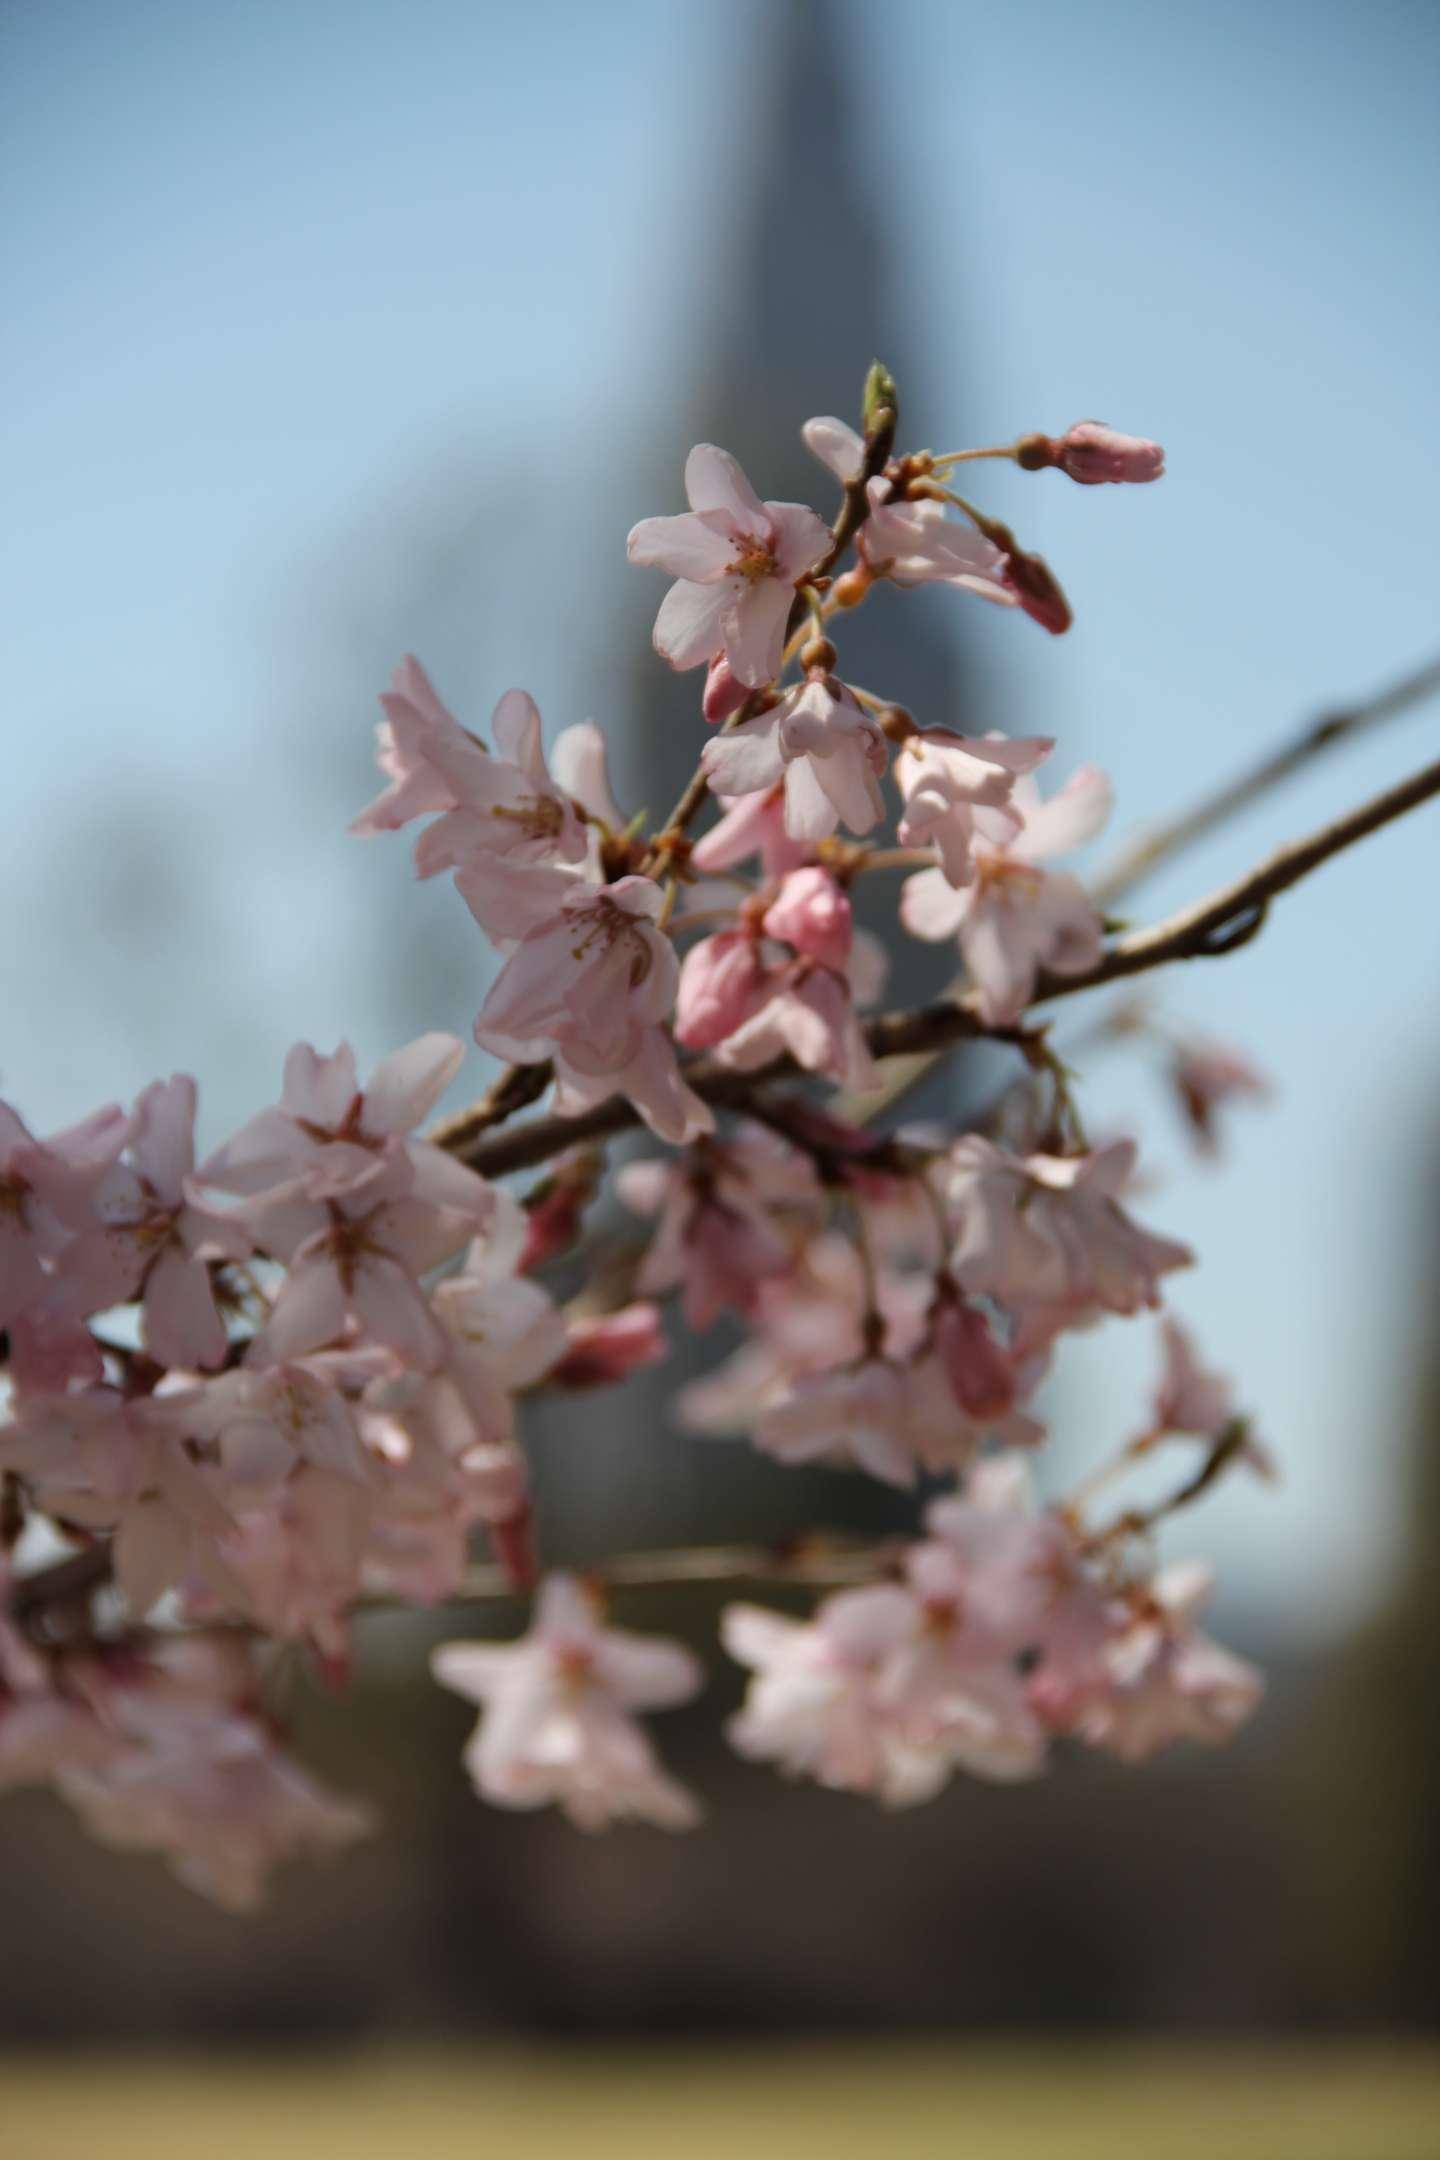 Nahaufnahme der Blüten einer edohigan